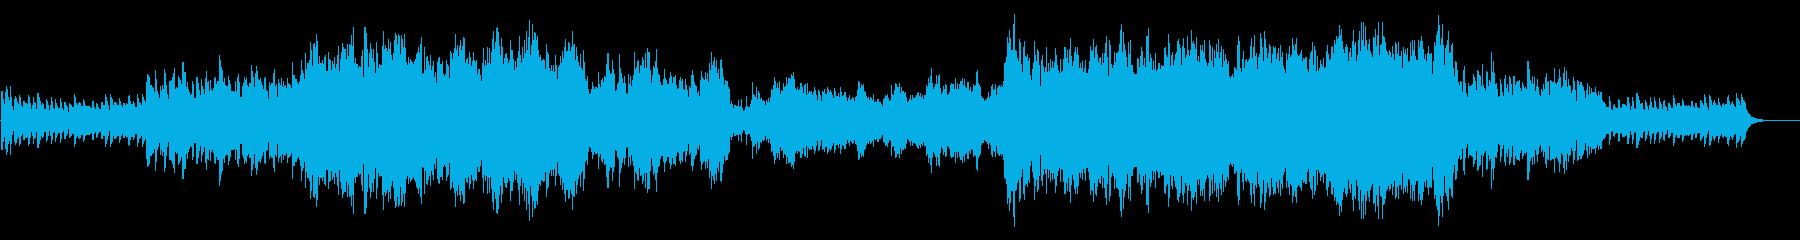 緊張シーン(ループあり)の再生済みの波形